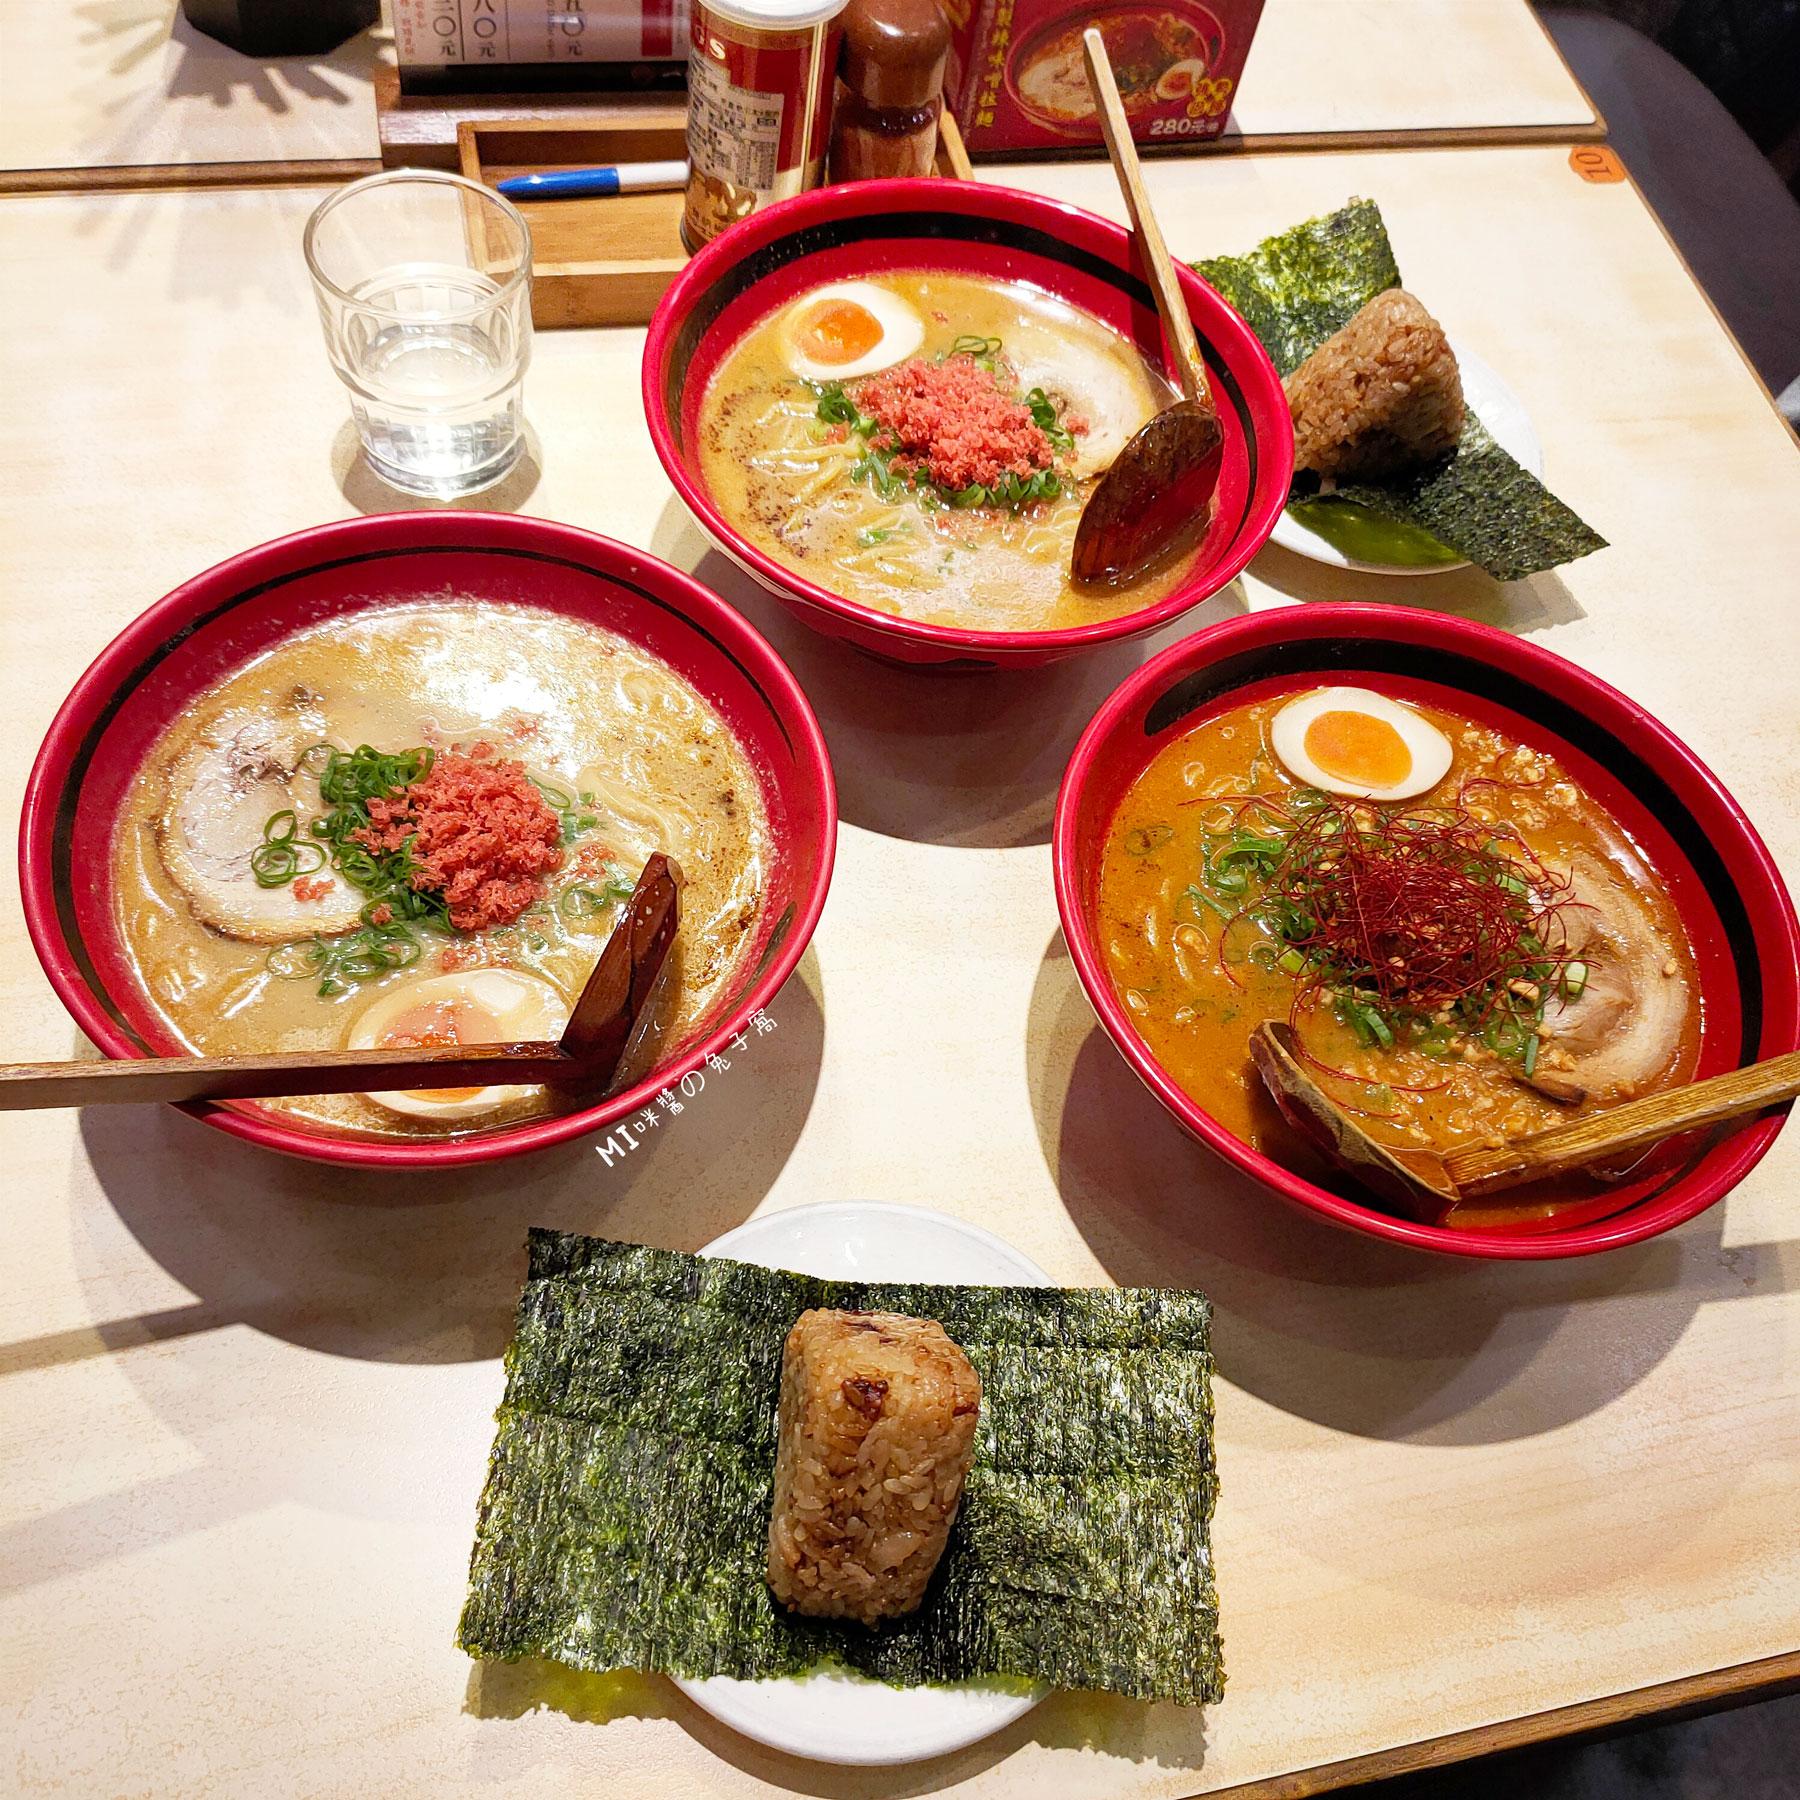 信義區美食。一幻拉麵  蝦味十足的北海道濃厚蝦拉麵